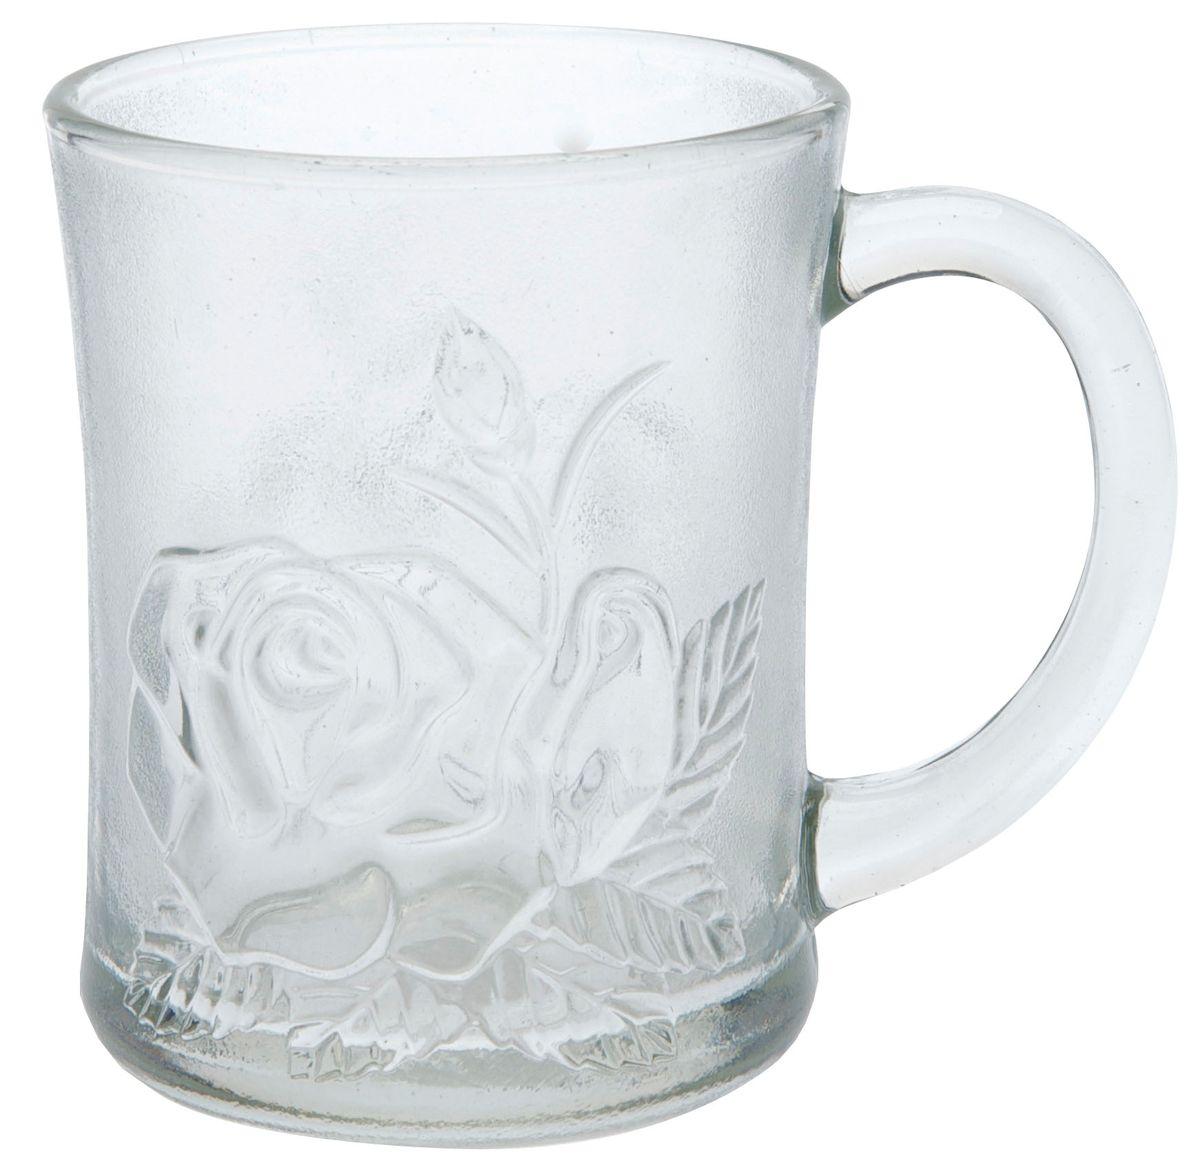 Кружка Axentia Роза, 250 мл54 009312Кружка Axentia Роза изготовлена из прочного матового стекла и декорирована рельефным изображением розы. Такая кружка прекрасно подойдет для горячих и холодных напитков. Она дополнит коллекцию вашей кухонной посуды и будет служить долгие годы.